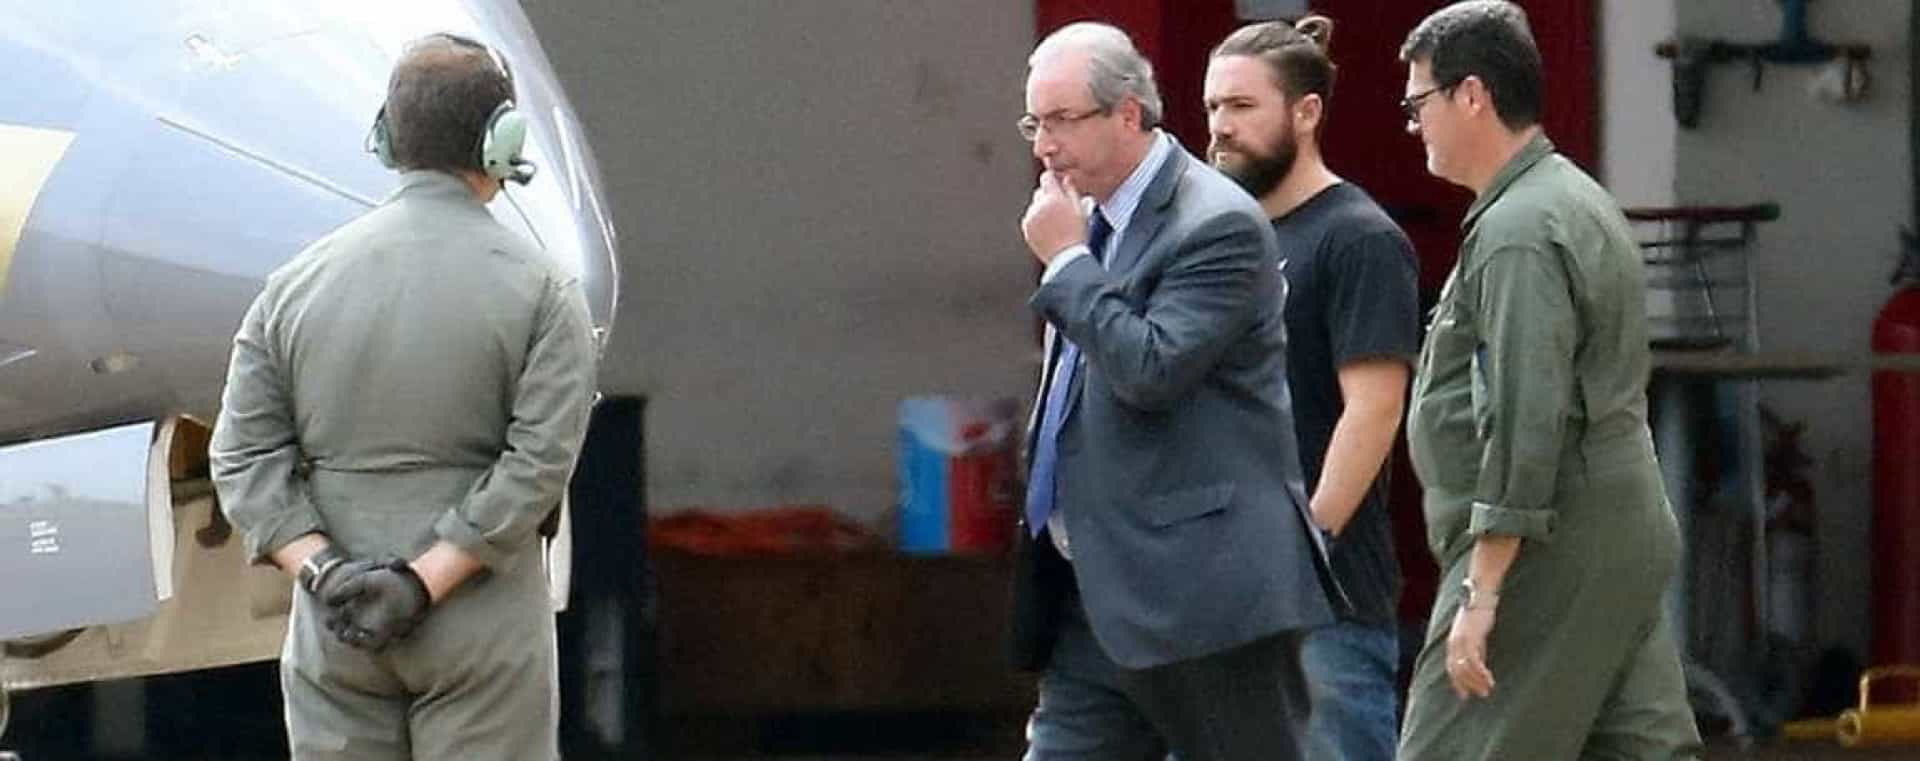 Há um polícia a roubar os holofotes na detenção de Eduardo Cunha